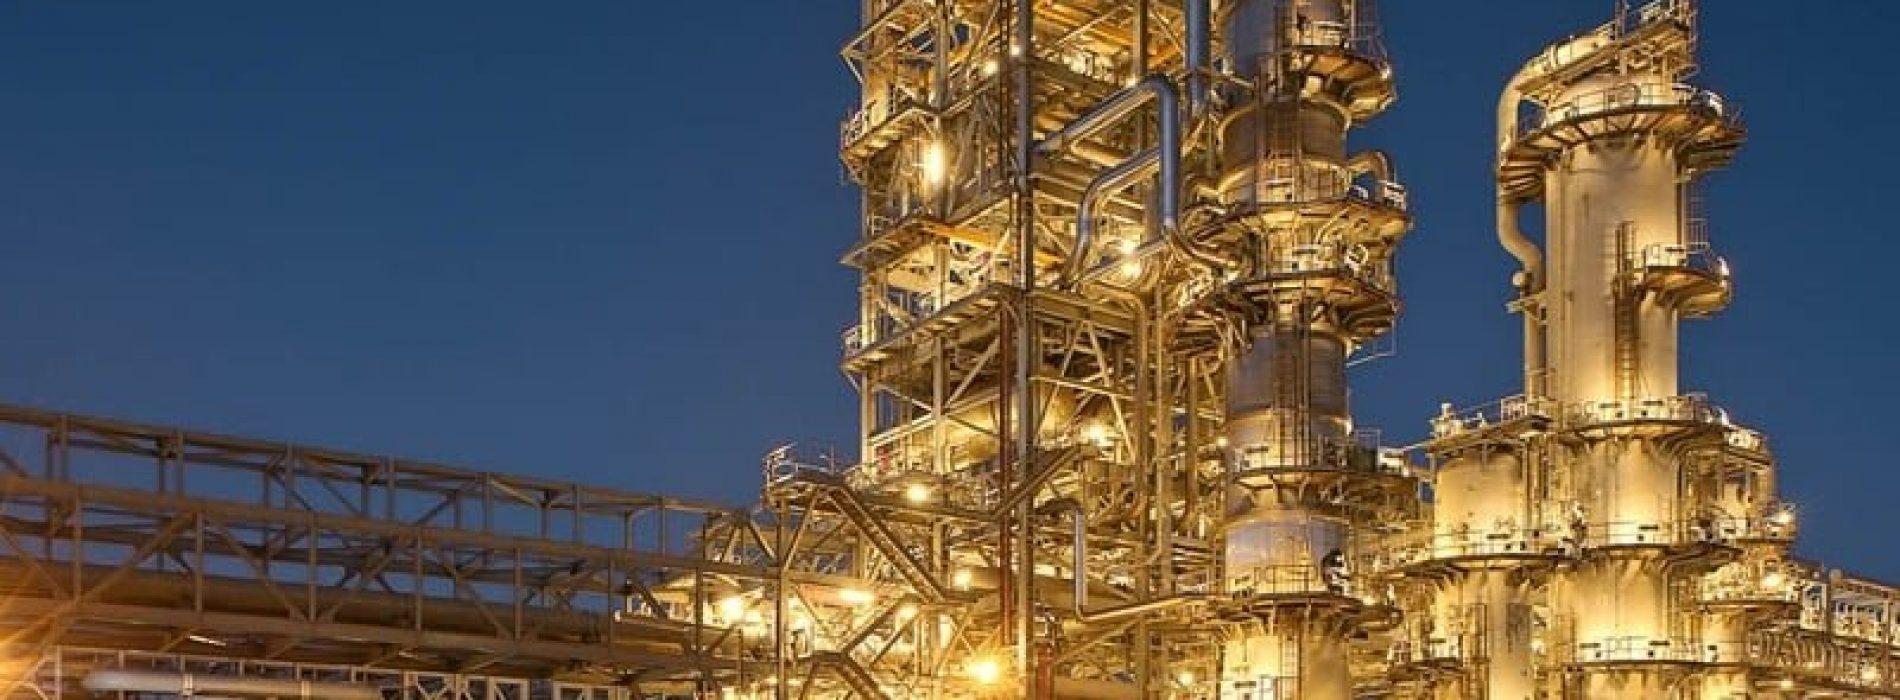 Tanzania, La costruzione del progetto LNG  inizierà nel 2023